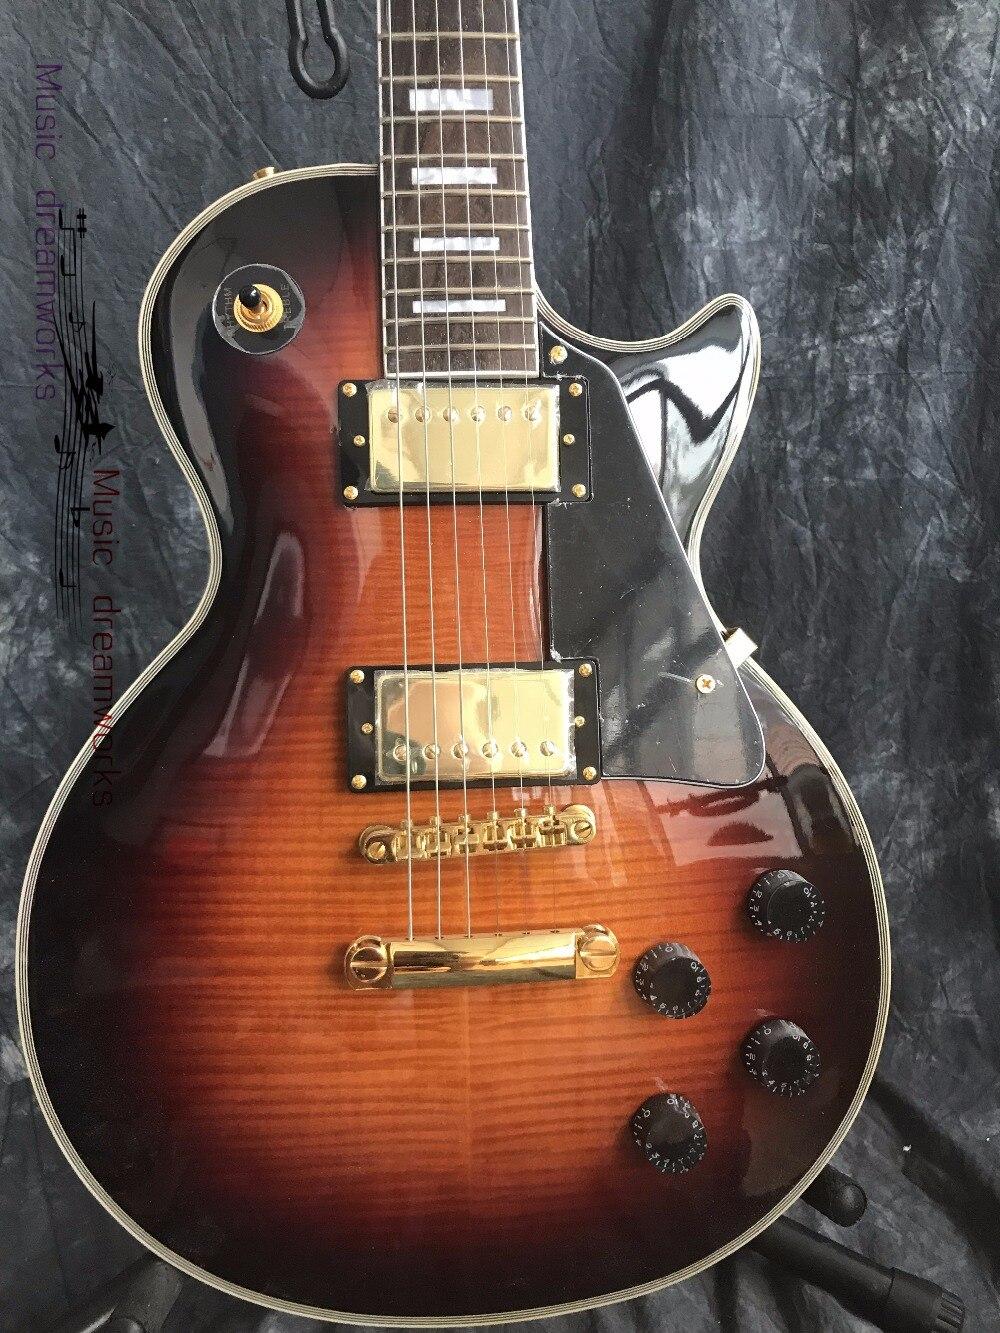 Chine guitare électrique firehawk OEM boutique en gros personnalisé G LP guitare électrique en stock